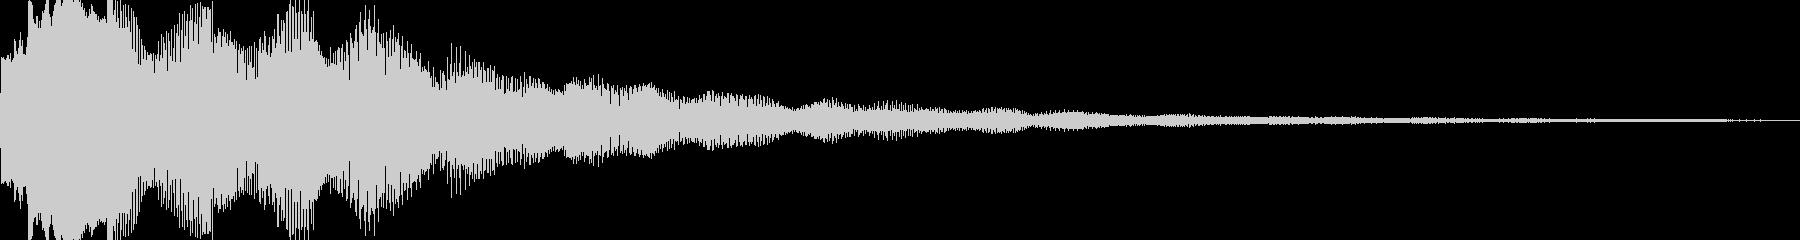 シャリーン、シャキーンの未再生の波形